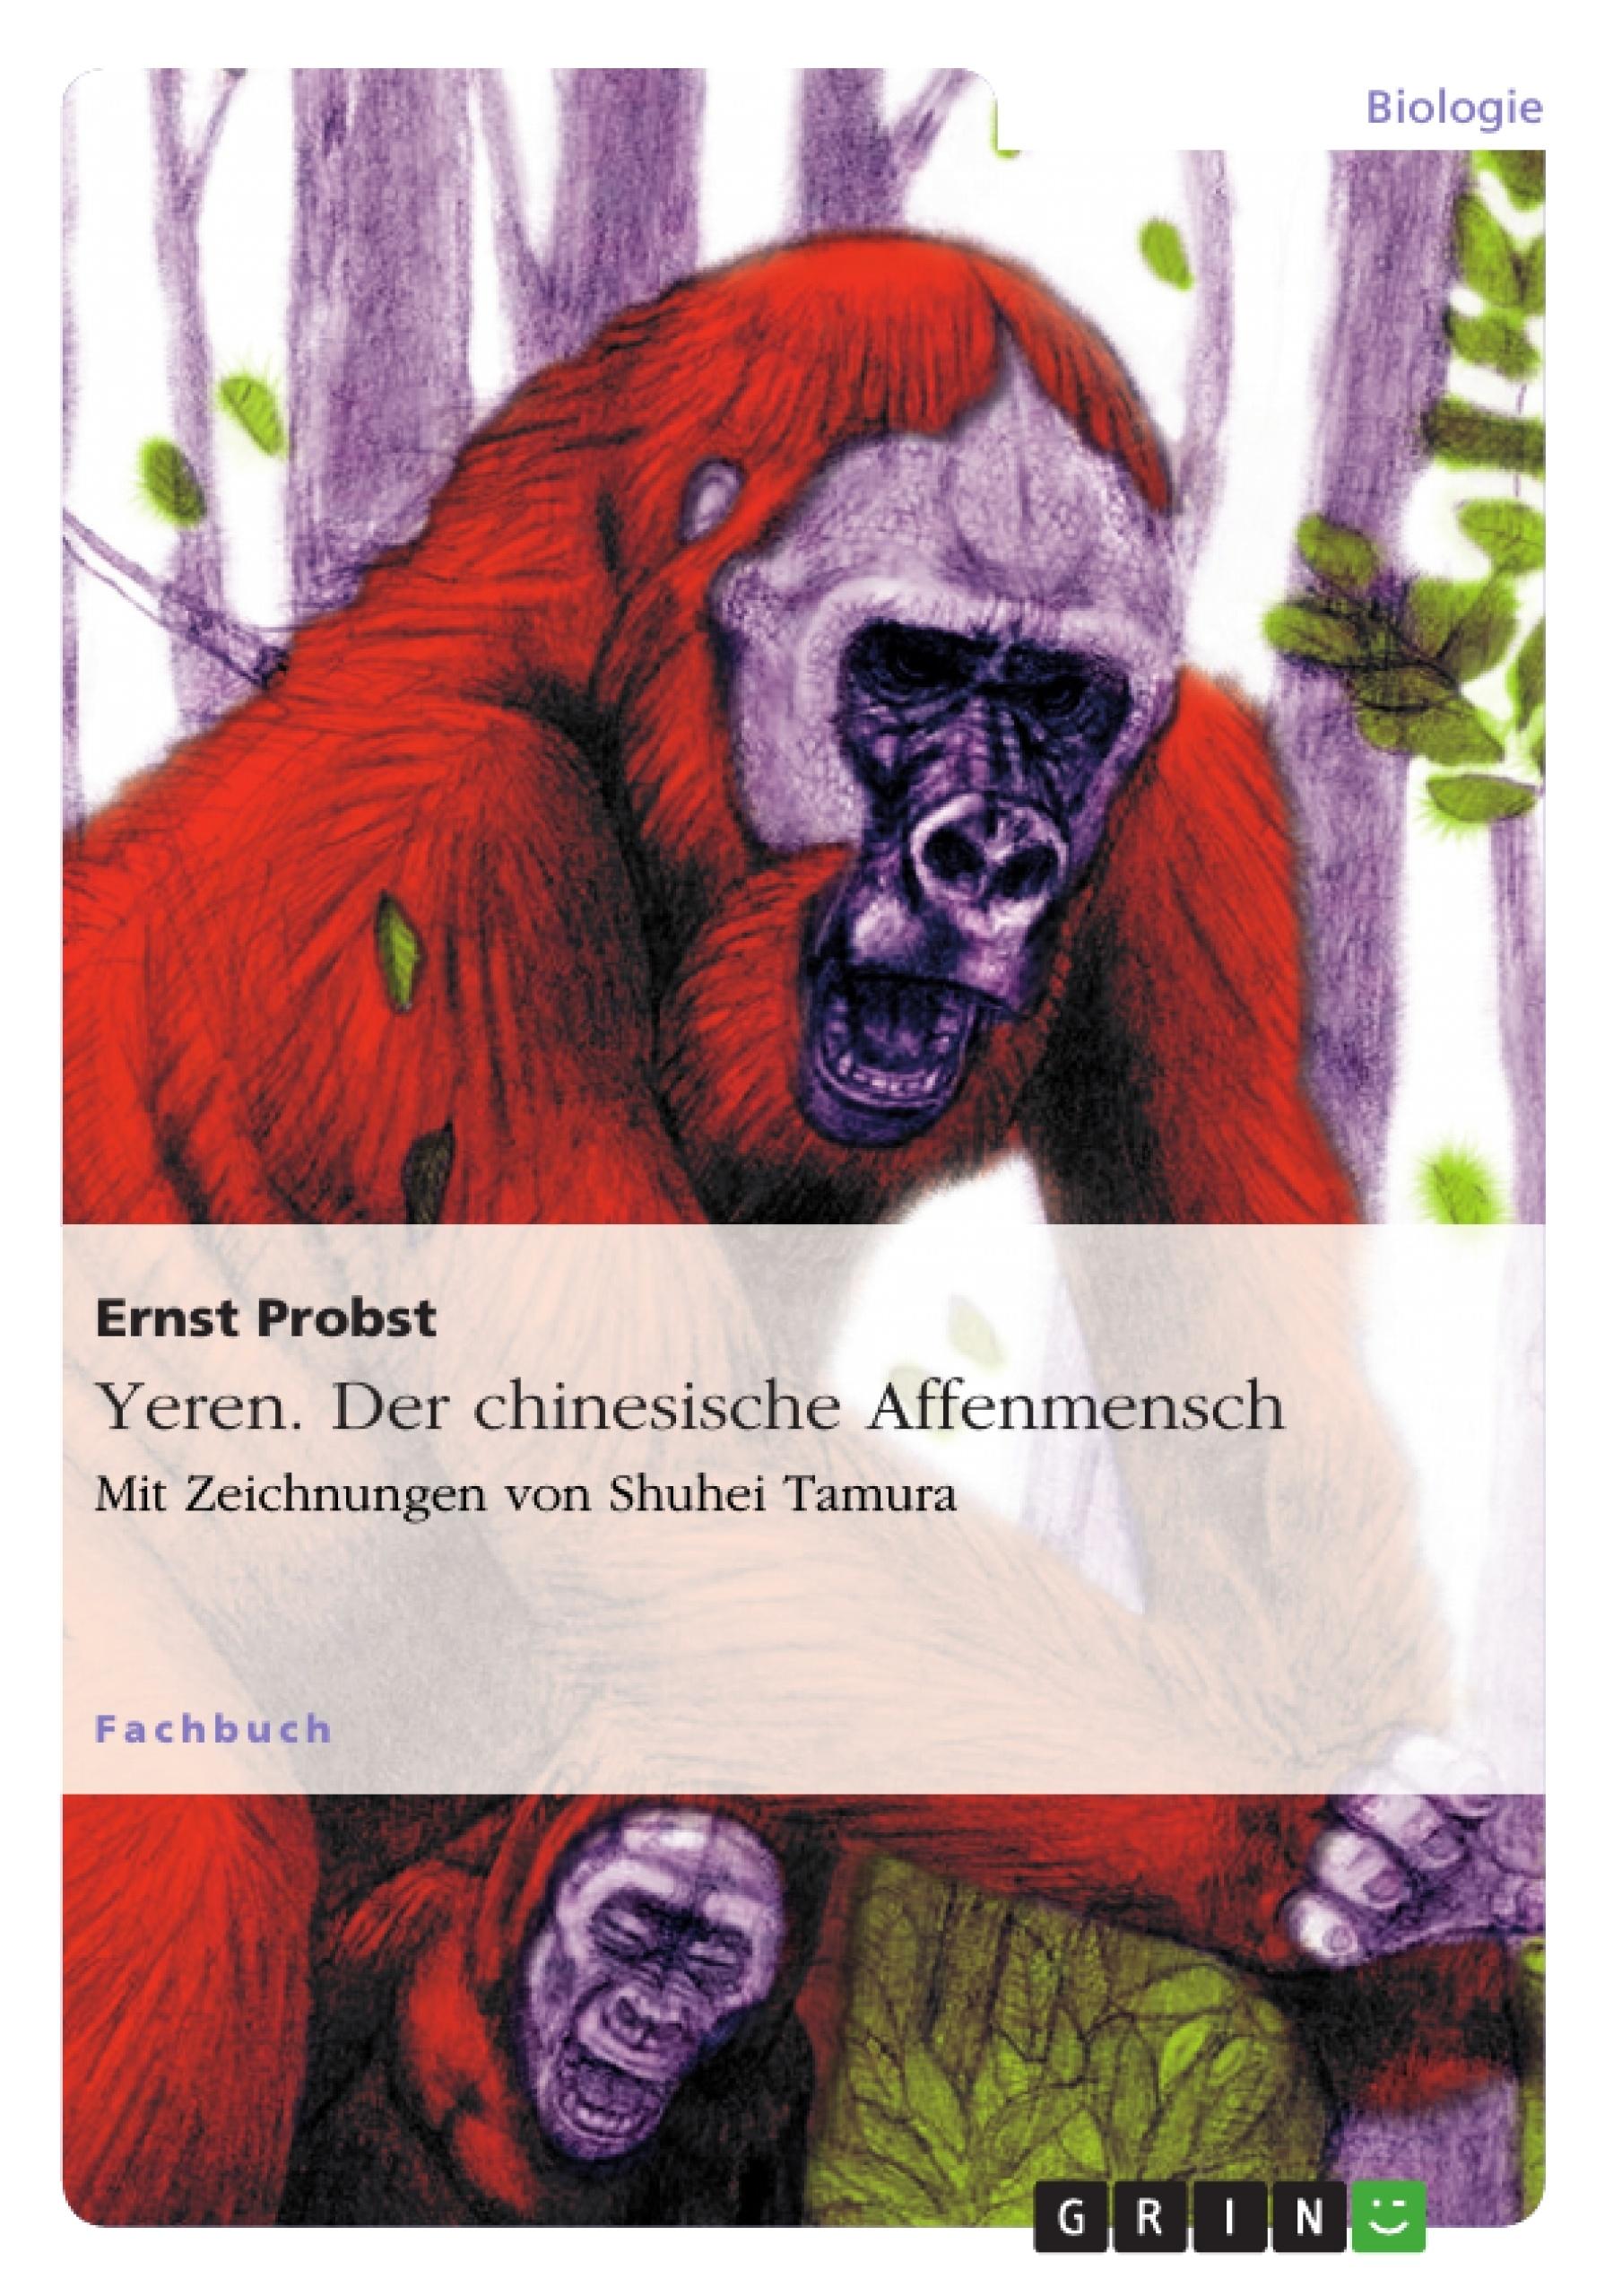 Titel: Yeren. Der chinesische Affenmensch